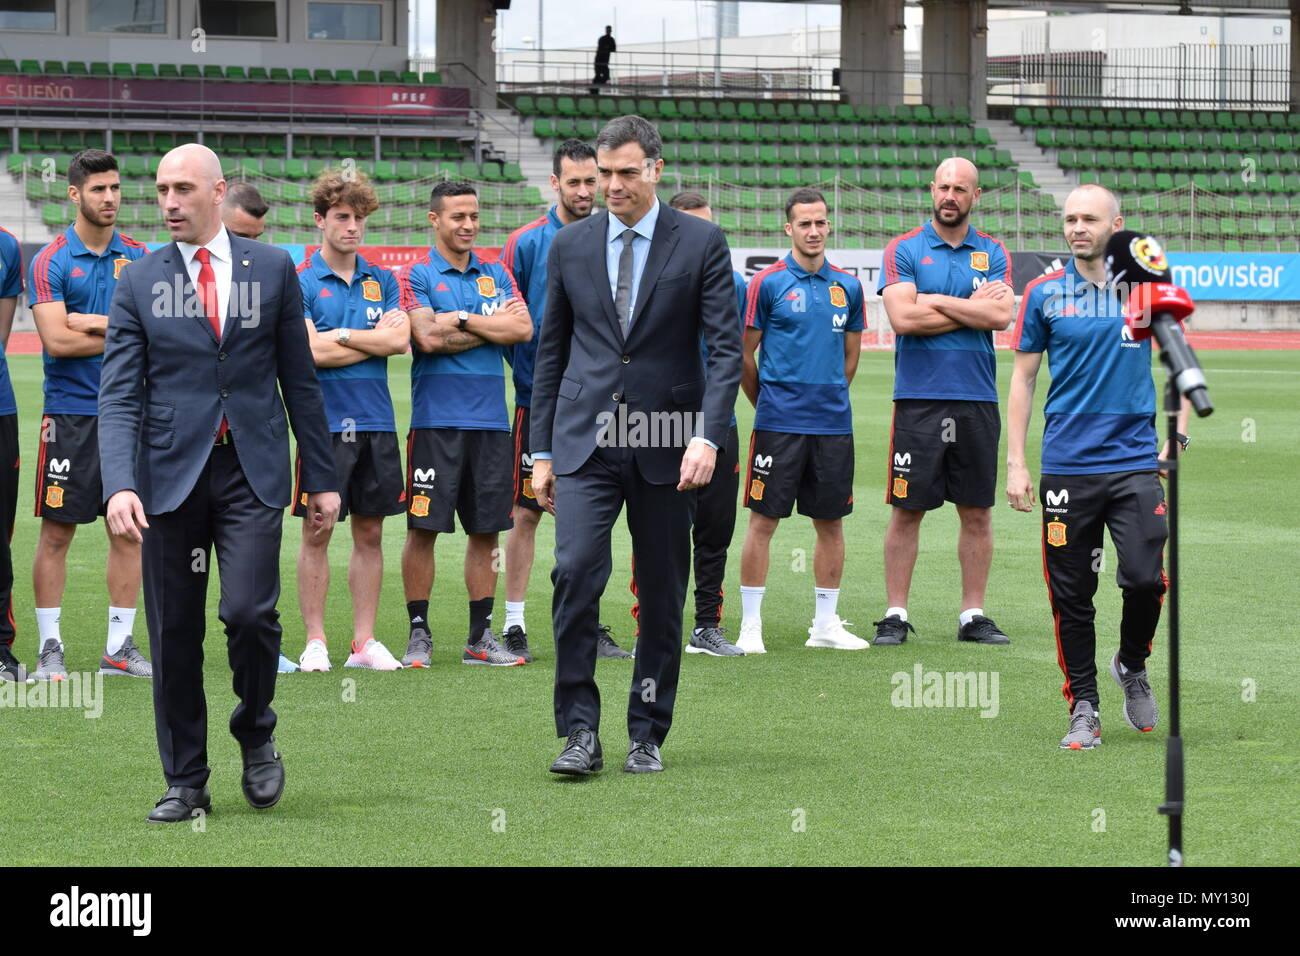 Posado institucional con representantes de la RFEF y de la Selección  Española ff9eaa991cc71